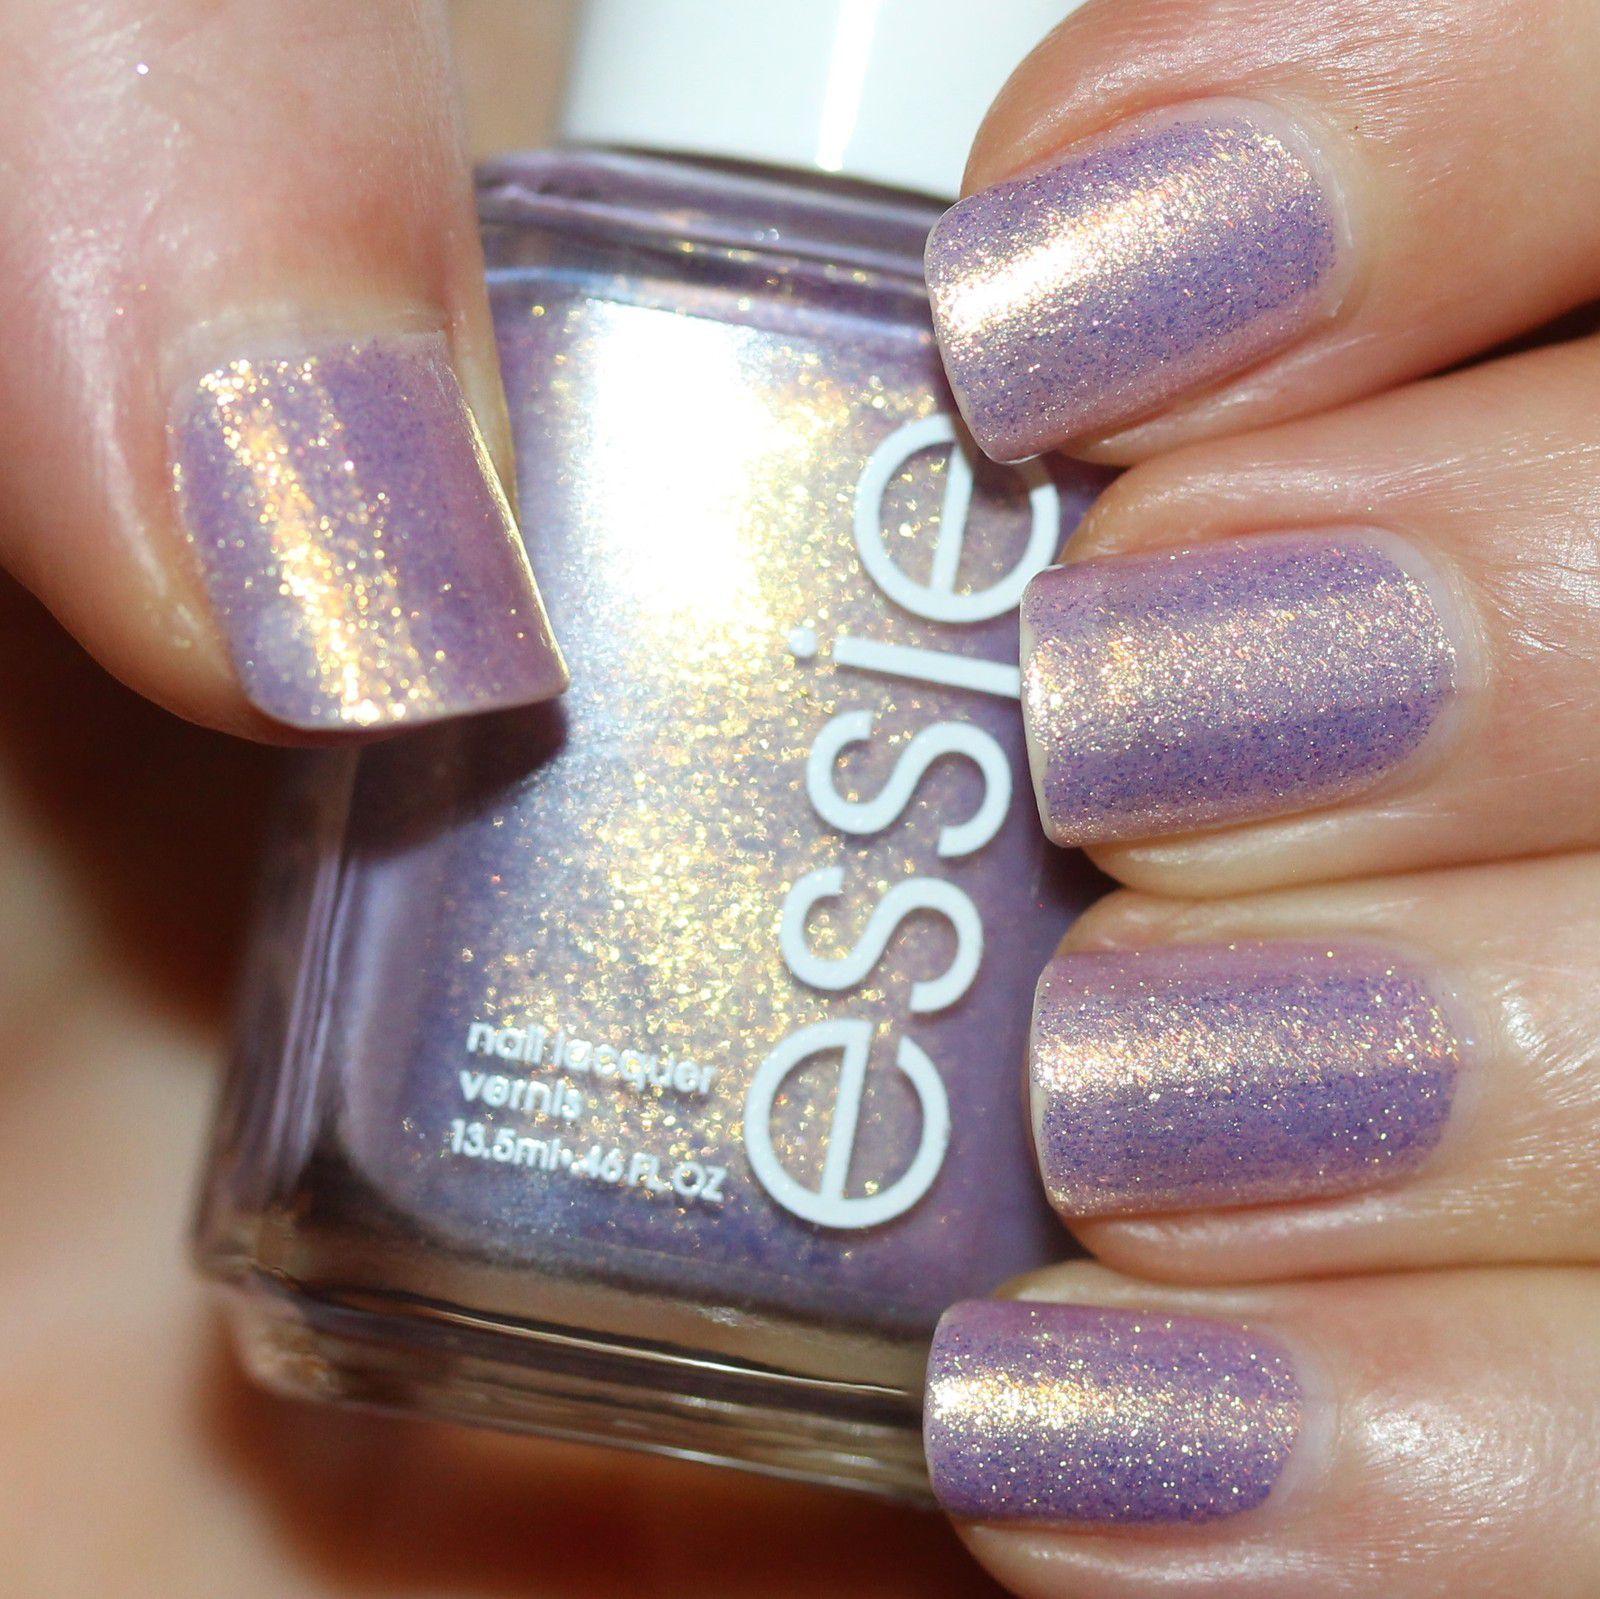 Essie Protein Base Coat / Essie Sugarplum Fairytales / Essie Gel Top Coat